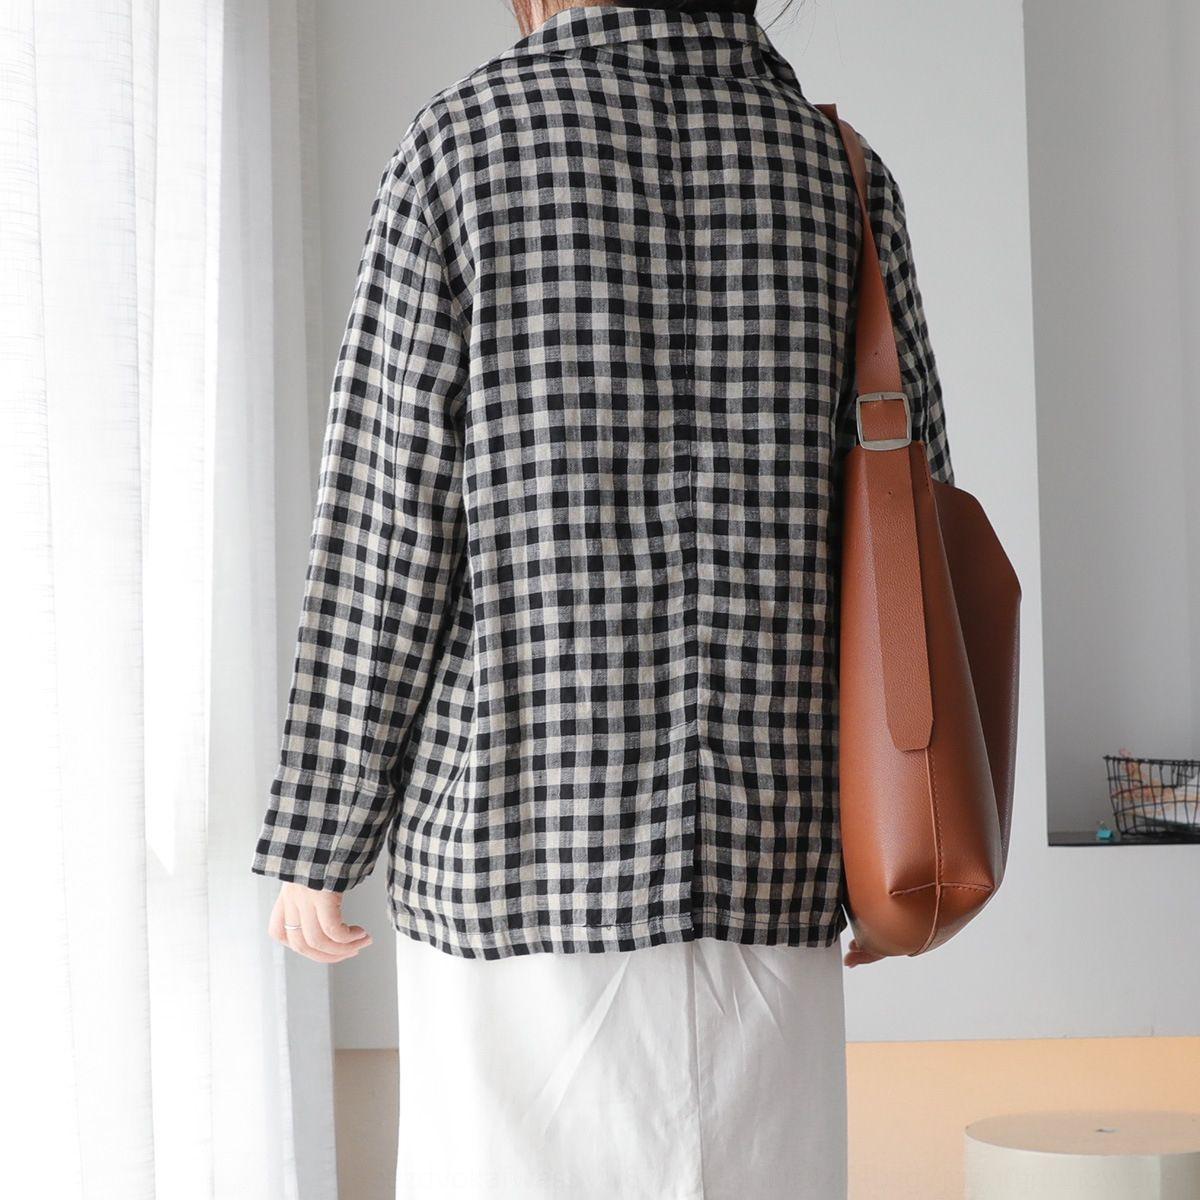 sERha chaqueta de las mujeres delgadas 010.865 clásico de otoño aLD3o a cuadros mitad de la longitud elegante juego de la capa de adelgazamiento flojo ocasional